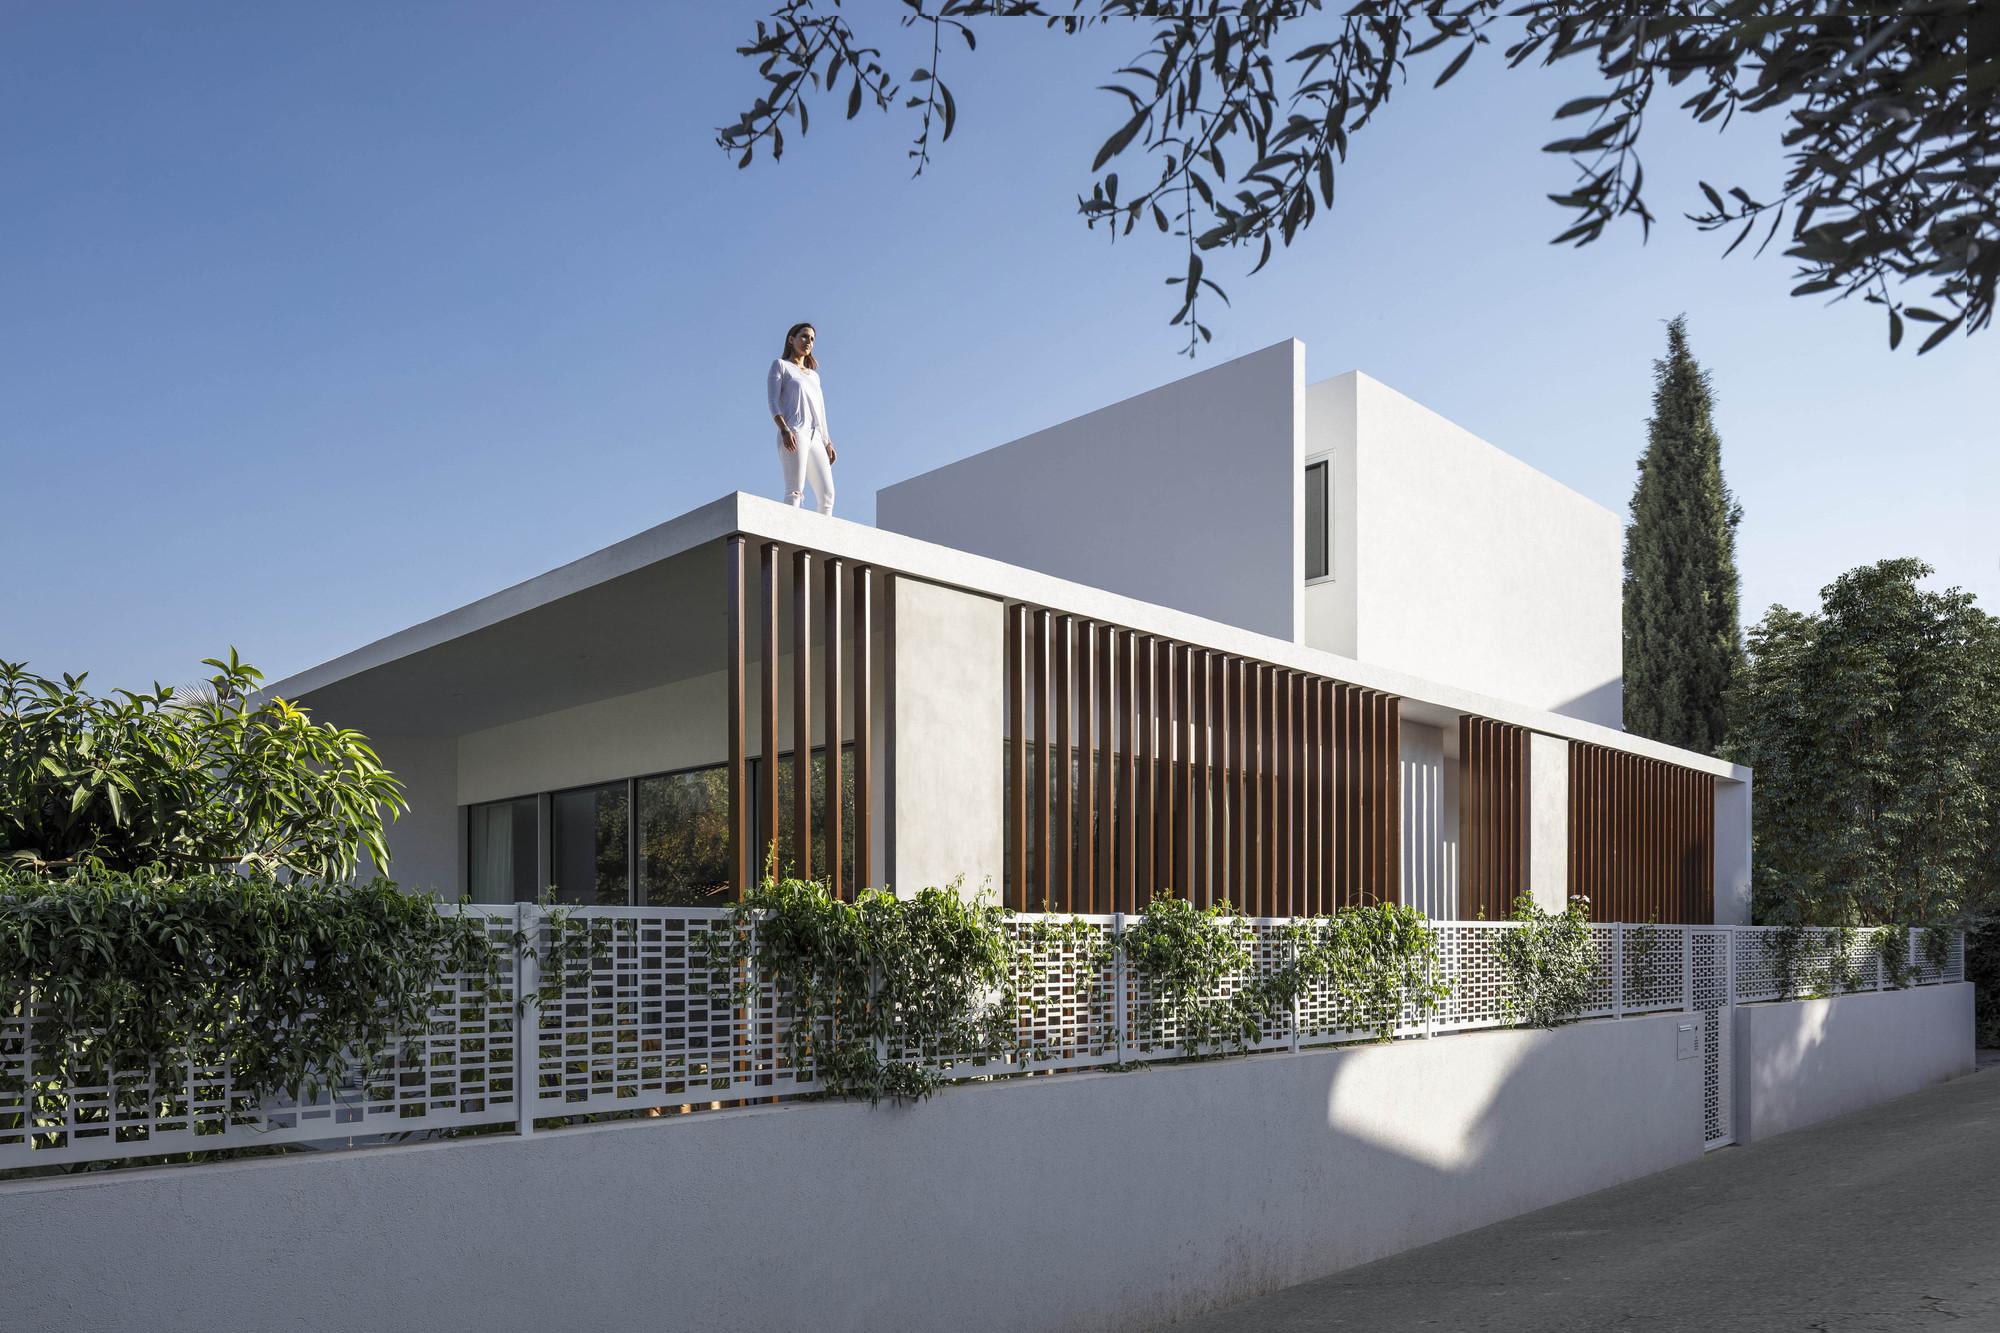 Design: Modern House N in Israel 48